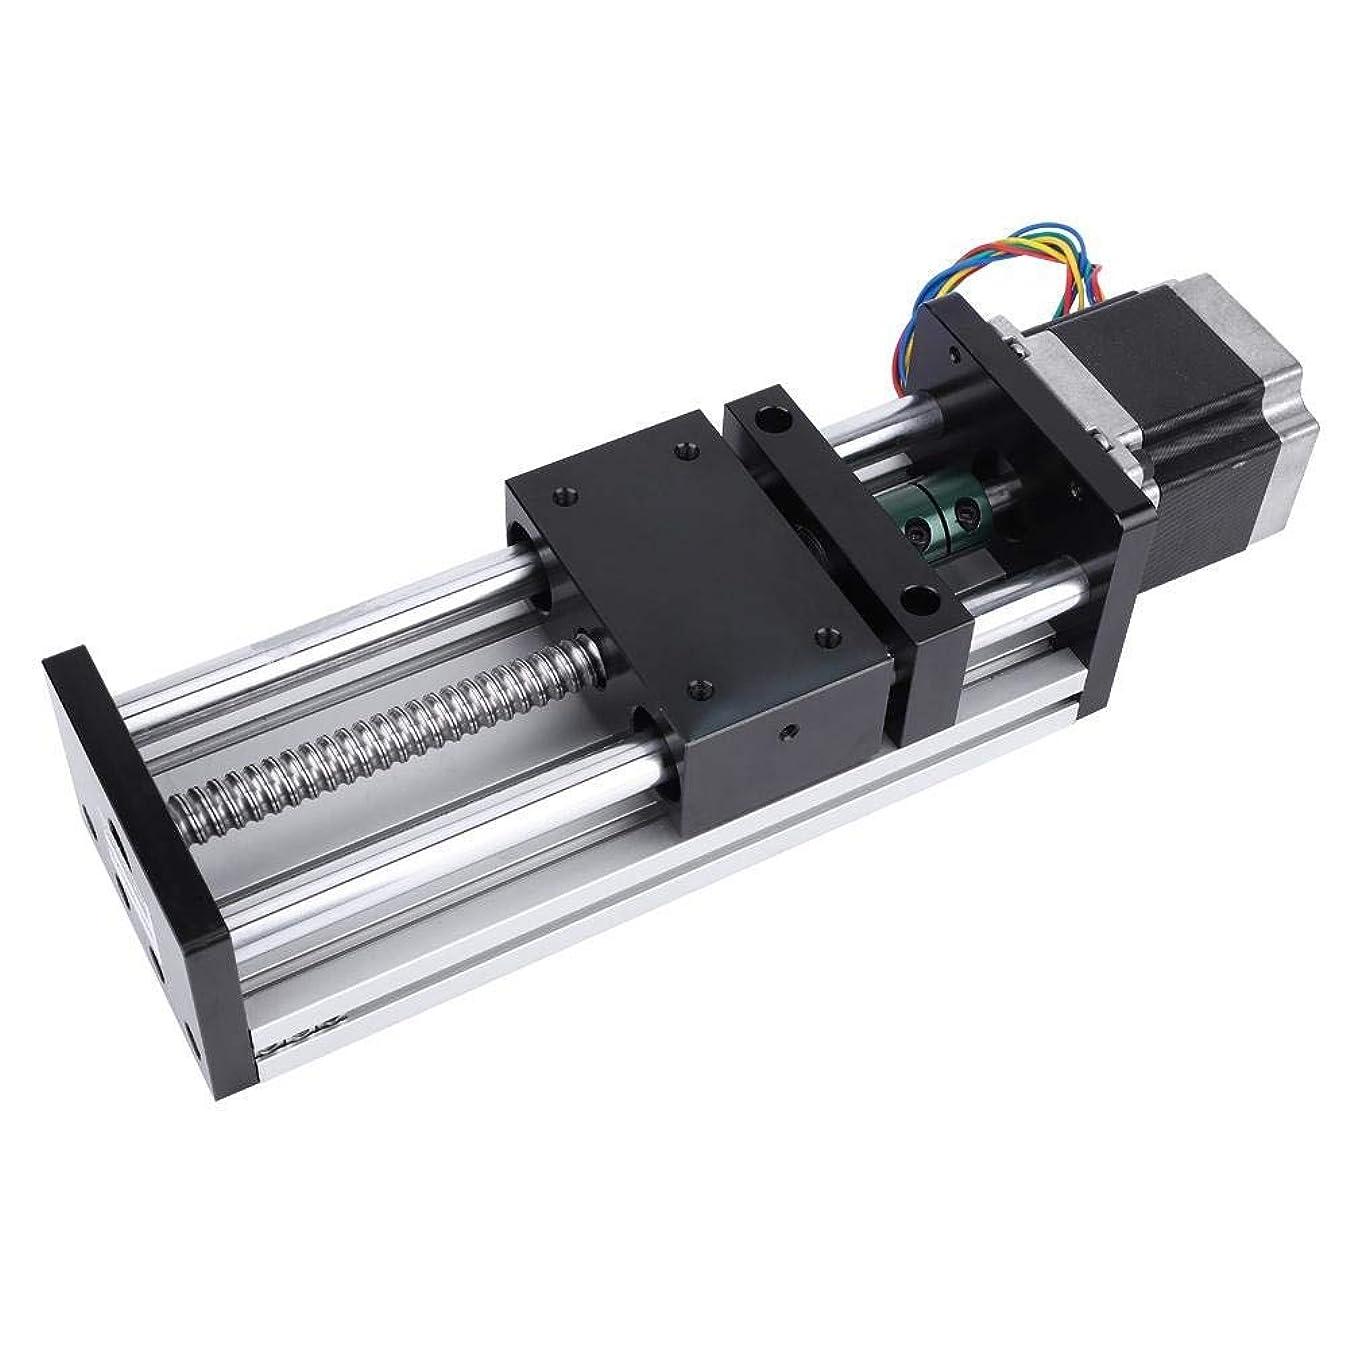 脱獄冷凍庫YYG-YYG リニアアクチュエータ電動スライドテーブル、300ミリメートルストロークNema17 42ステッピングモータとリニアガイドレールスライドテーブル(1610) リニアガイド